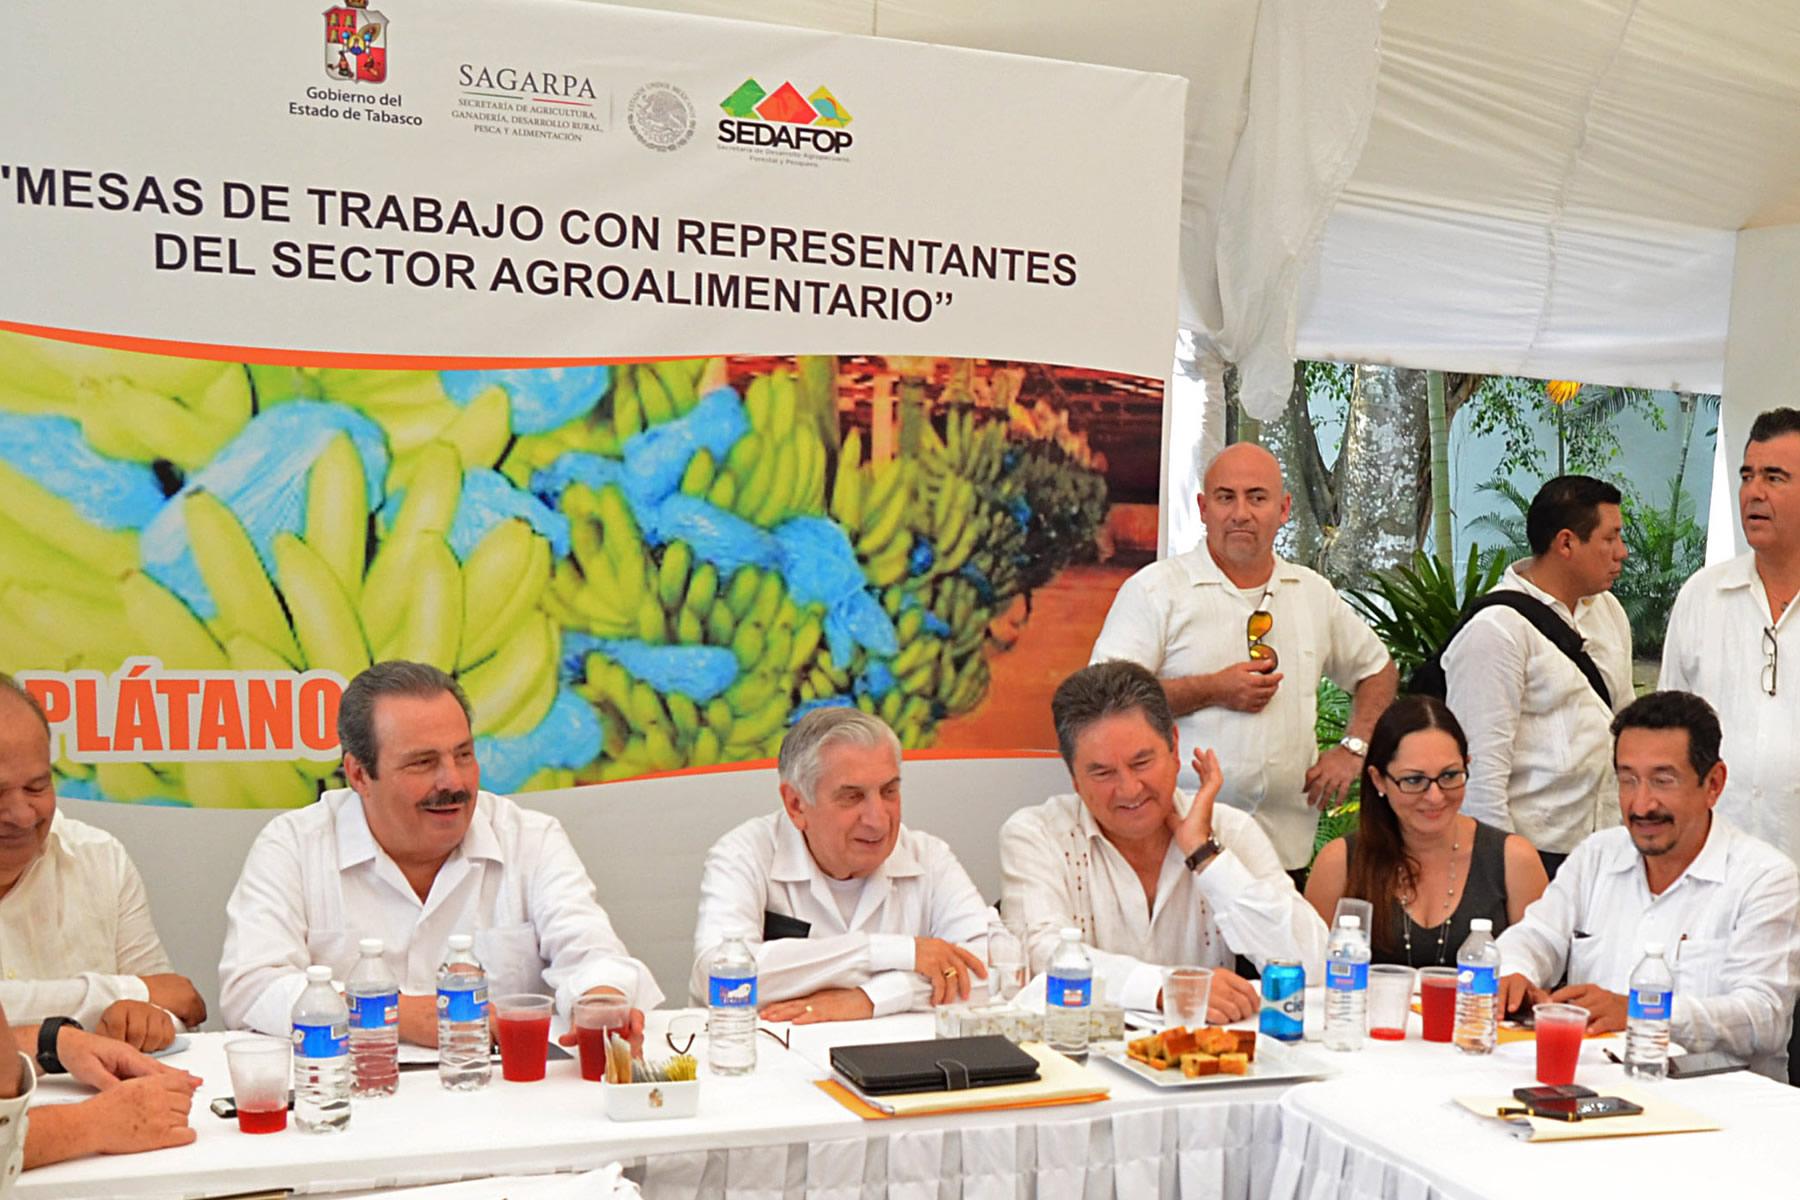 Realizan SAGARPA y gobierno de Tabasco mesas de trabajo con representantes del sector agroalimentario.